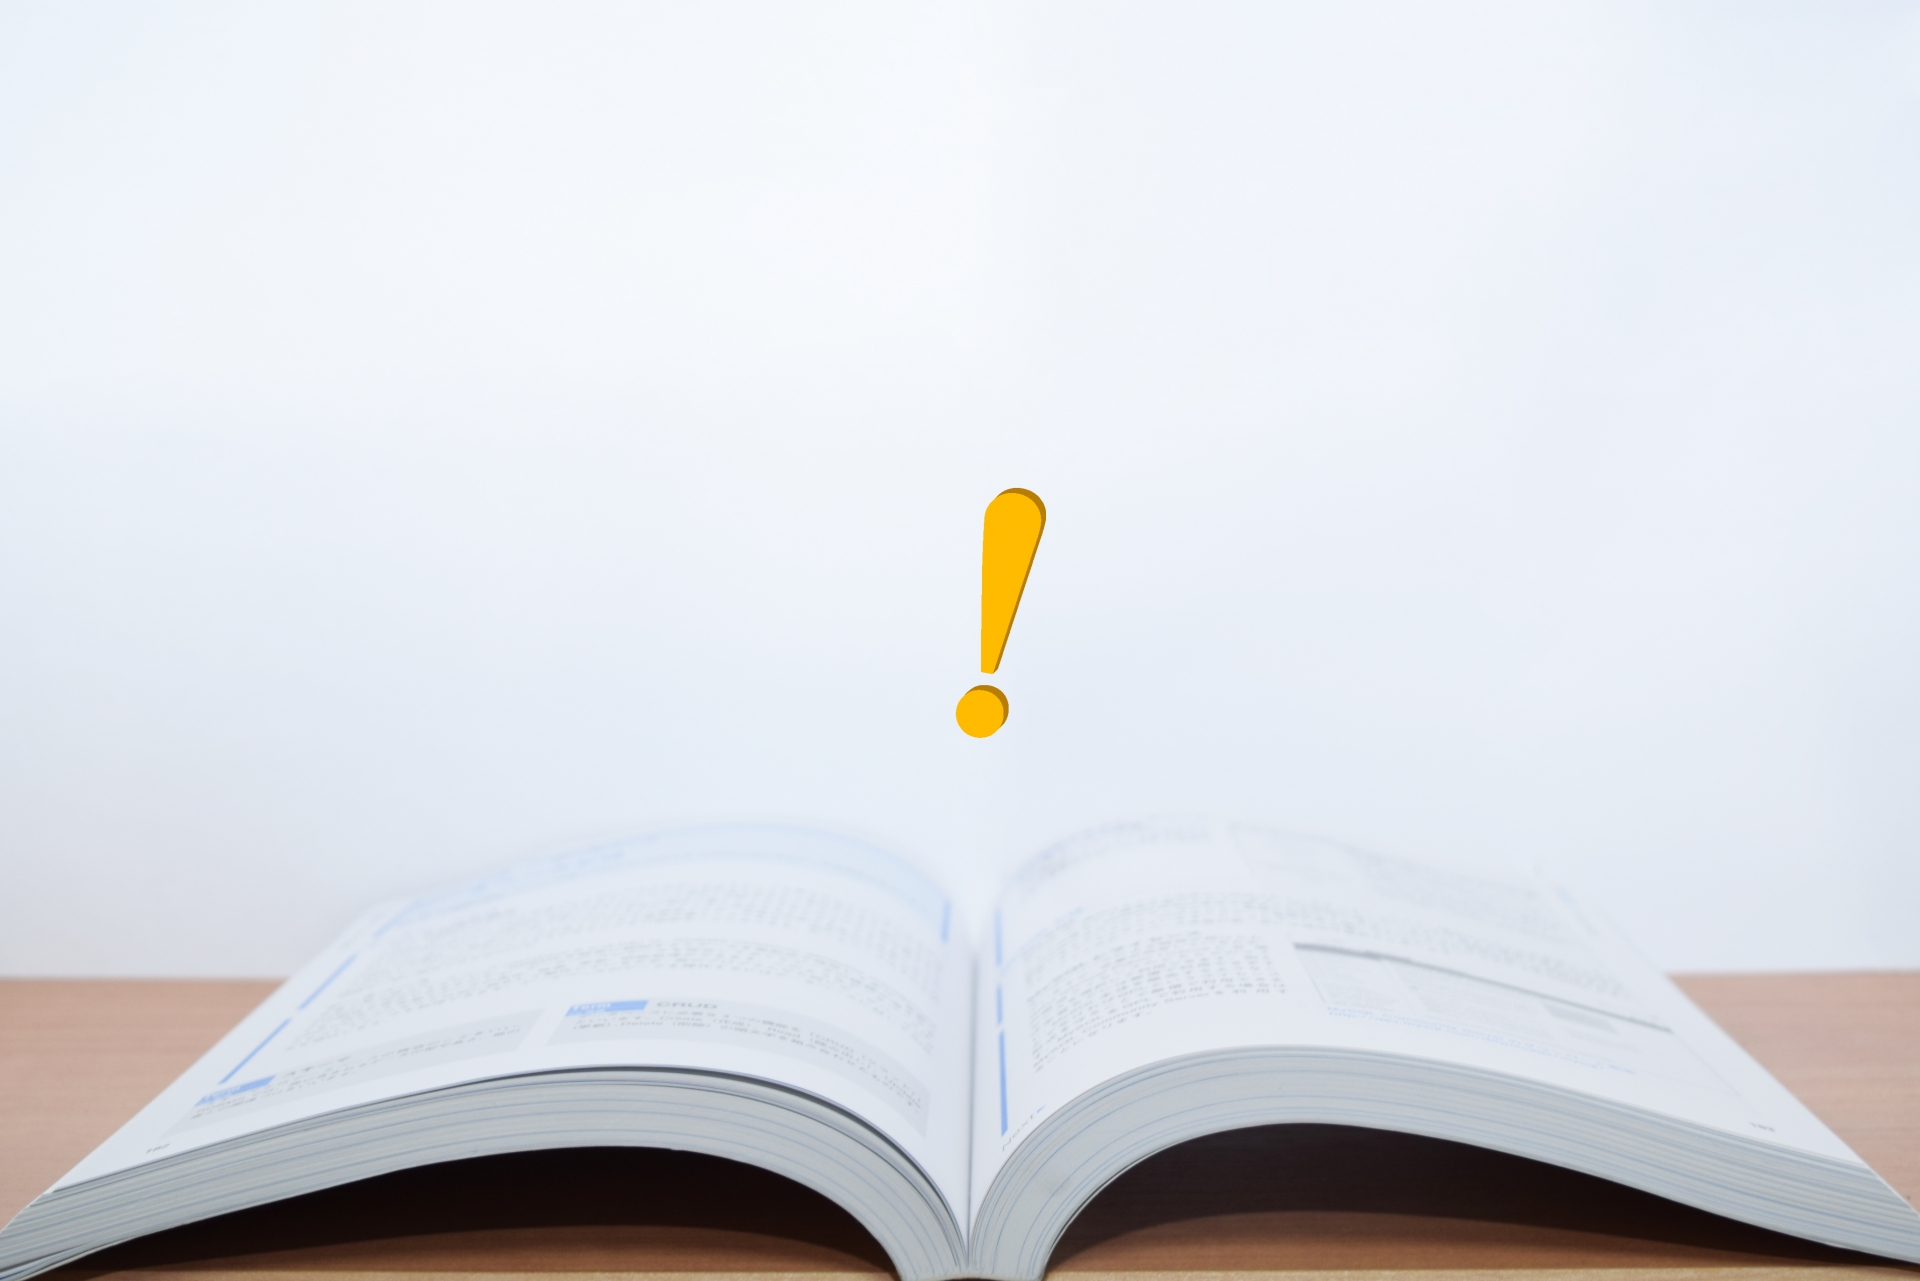 プログラミング初心者が読むべき入門書の選び方をご紹介!